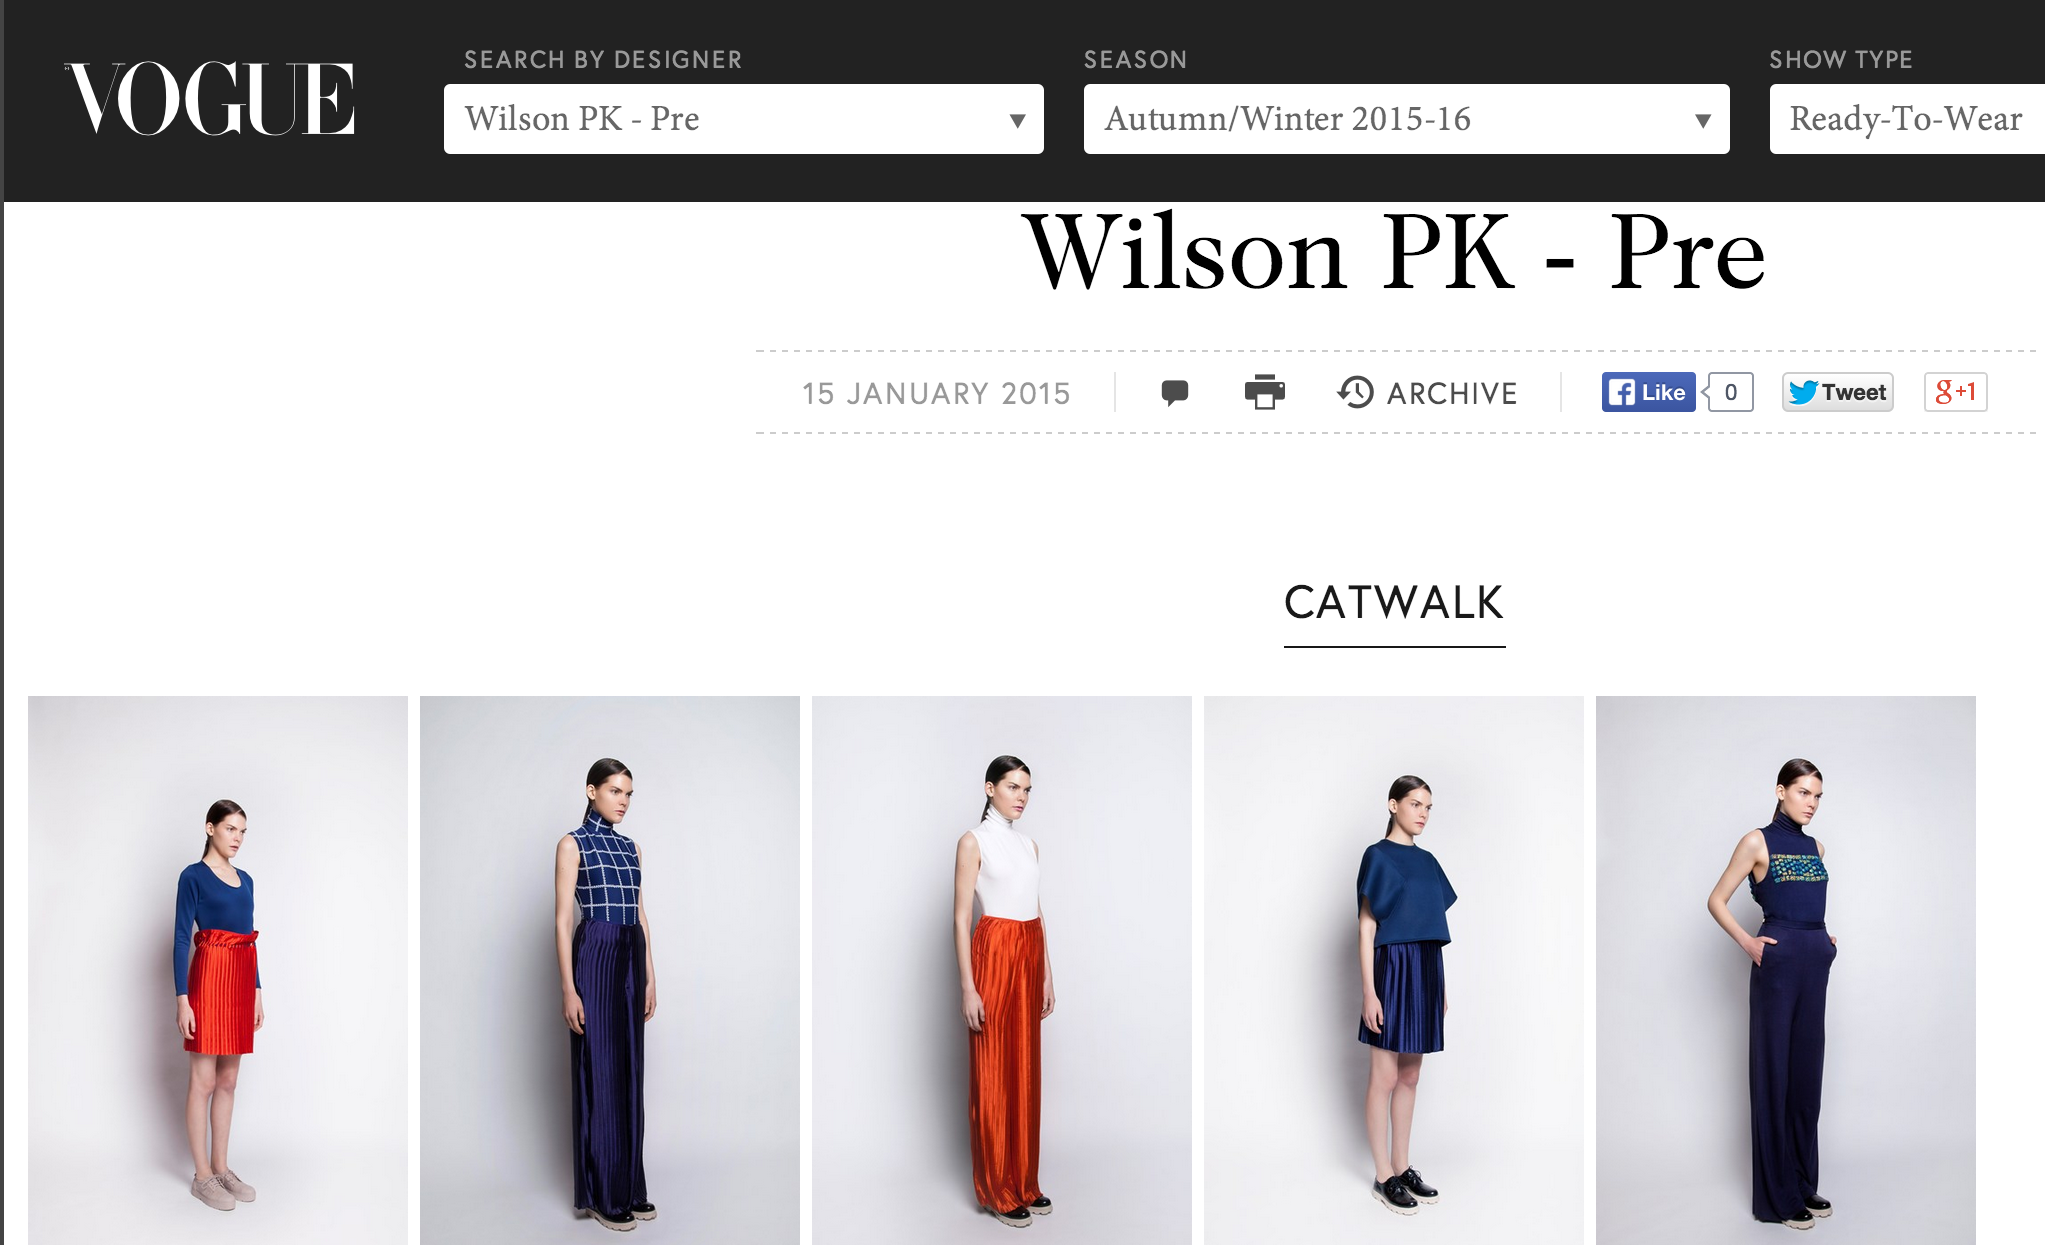 VOGUE - WILSON PK PRE FALL